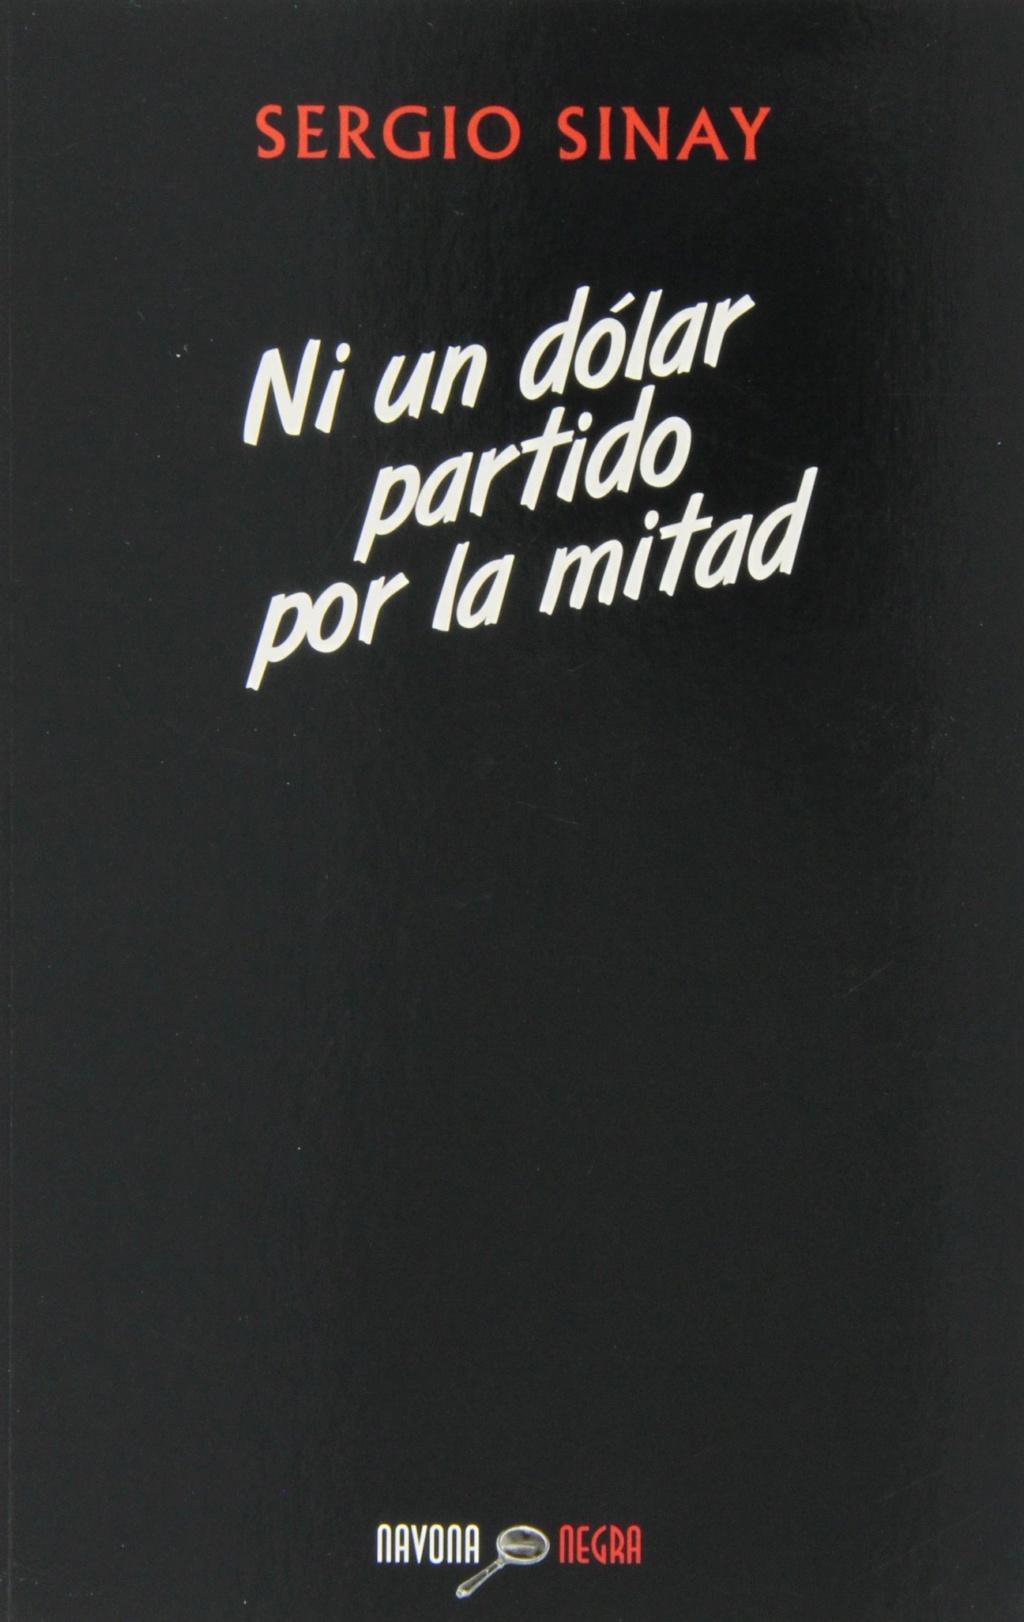 Ni un dólar partido por la mitad - Sergio Sinay Portad45